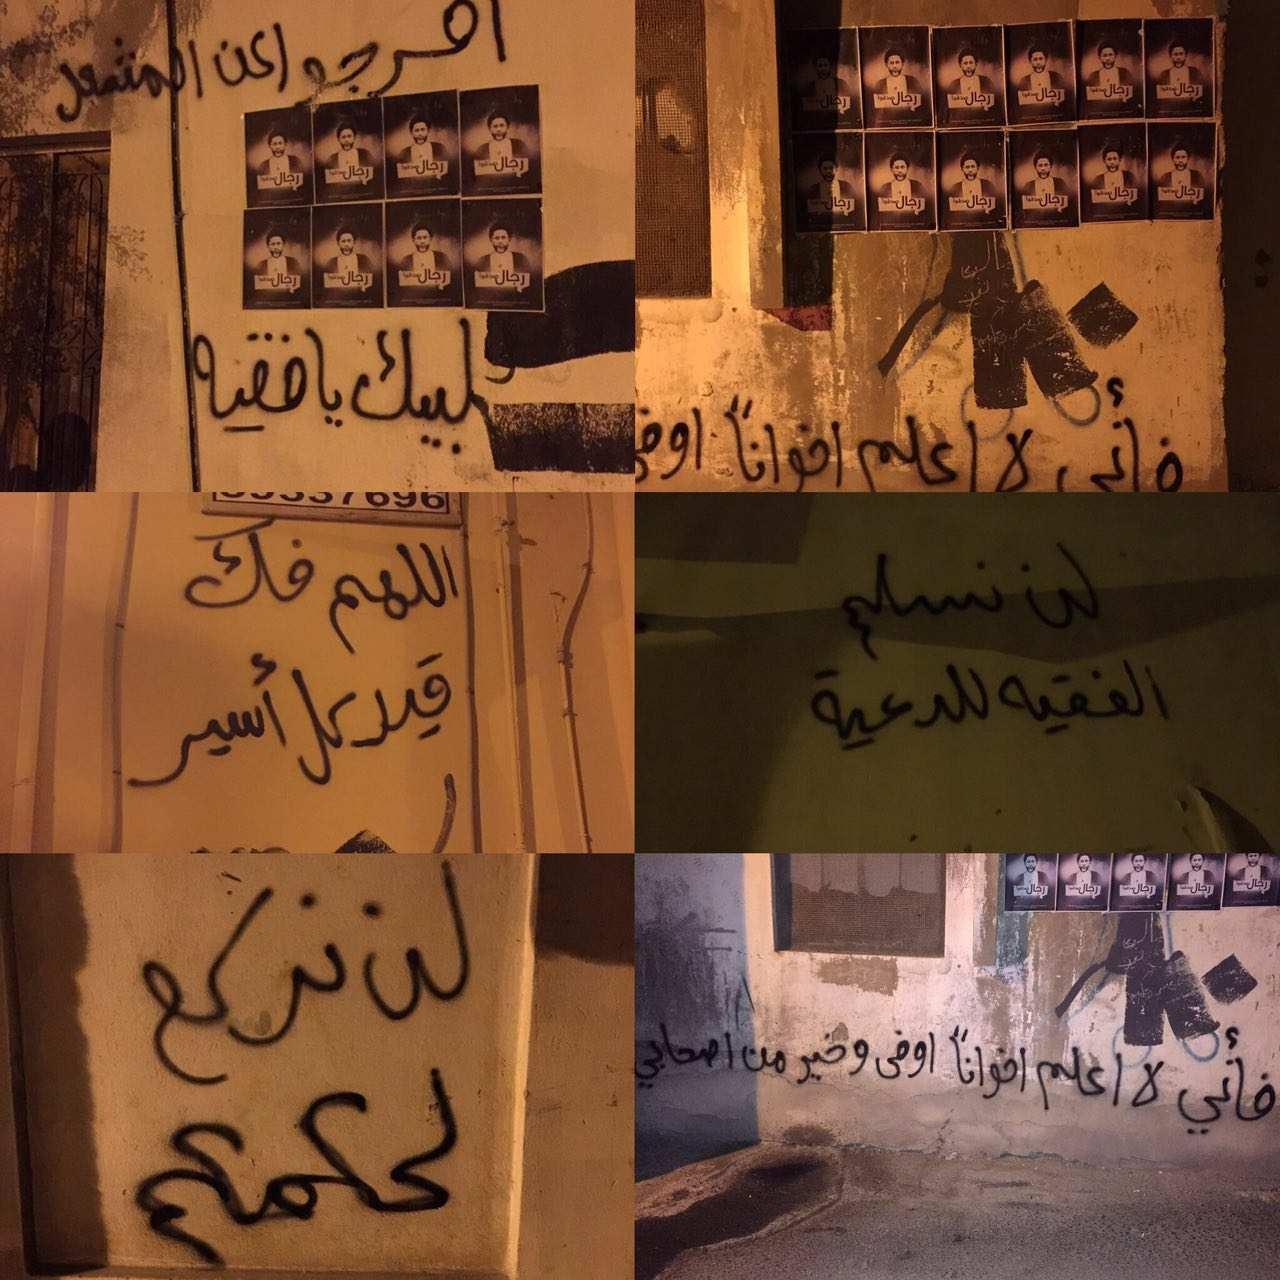 صحيفة الأحرار بمدينة جدحفص تزدان بالشعارات الثوريّة